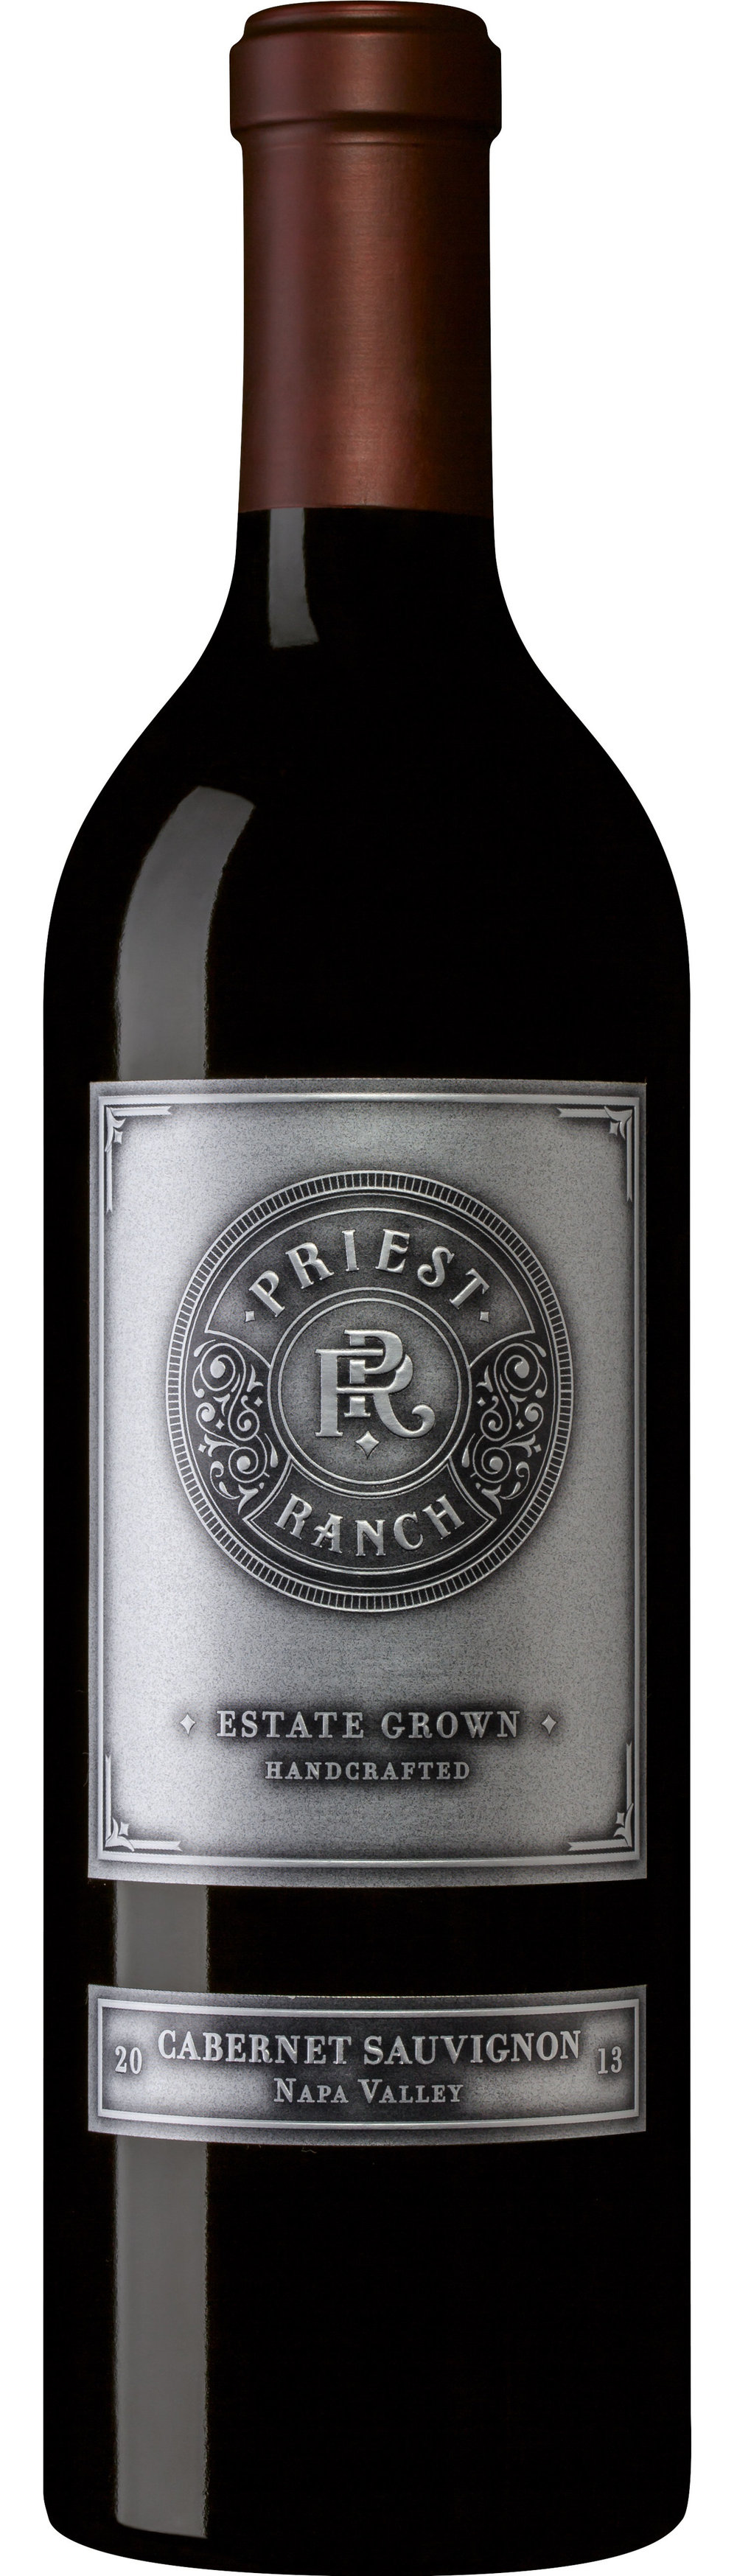 Priest Ranch - Cabernet Sauvignon 2013, Napa